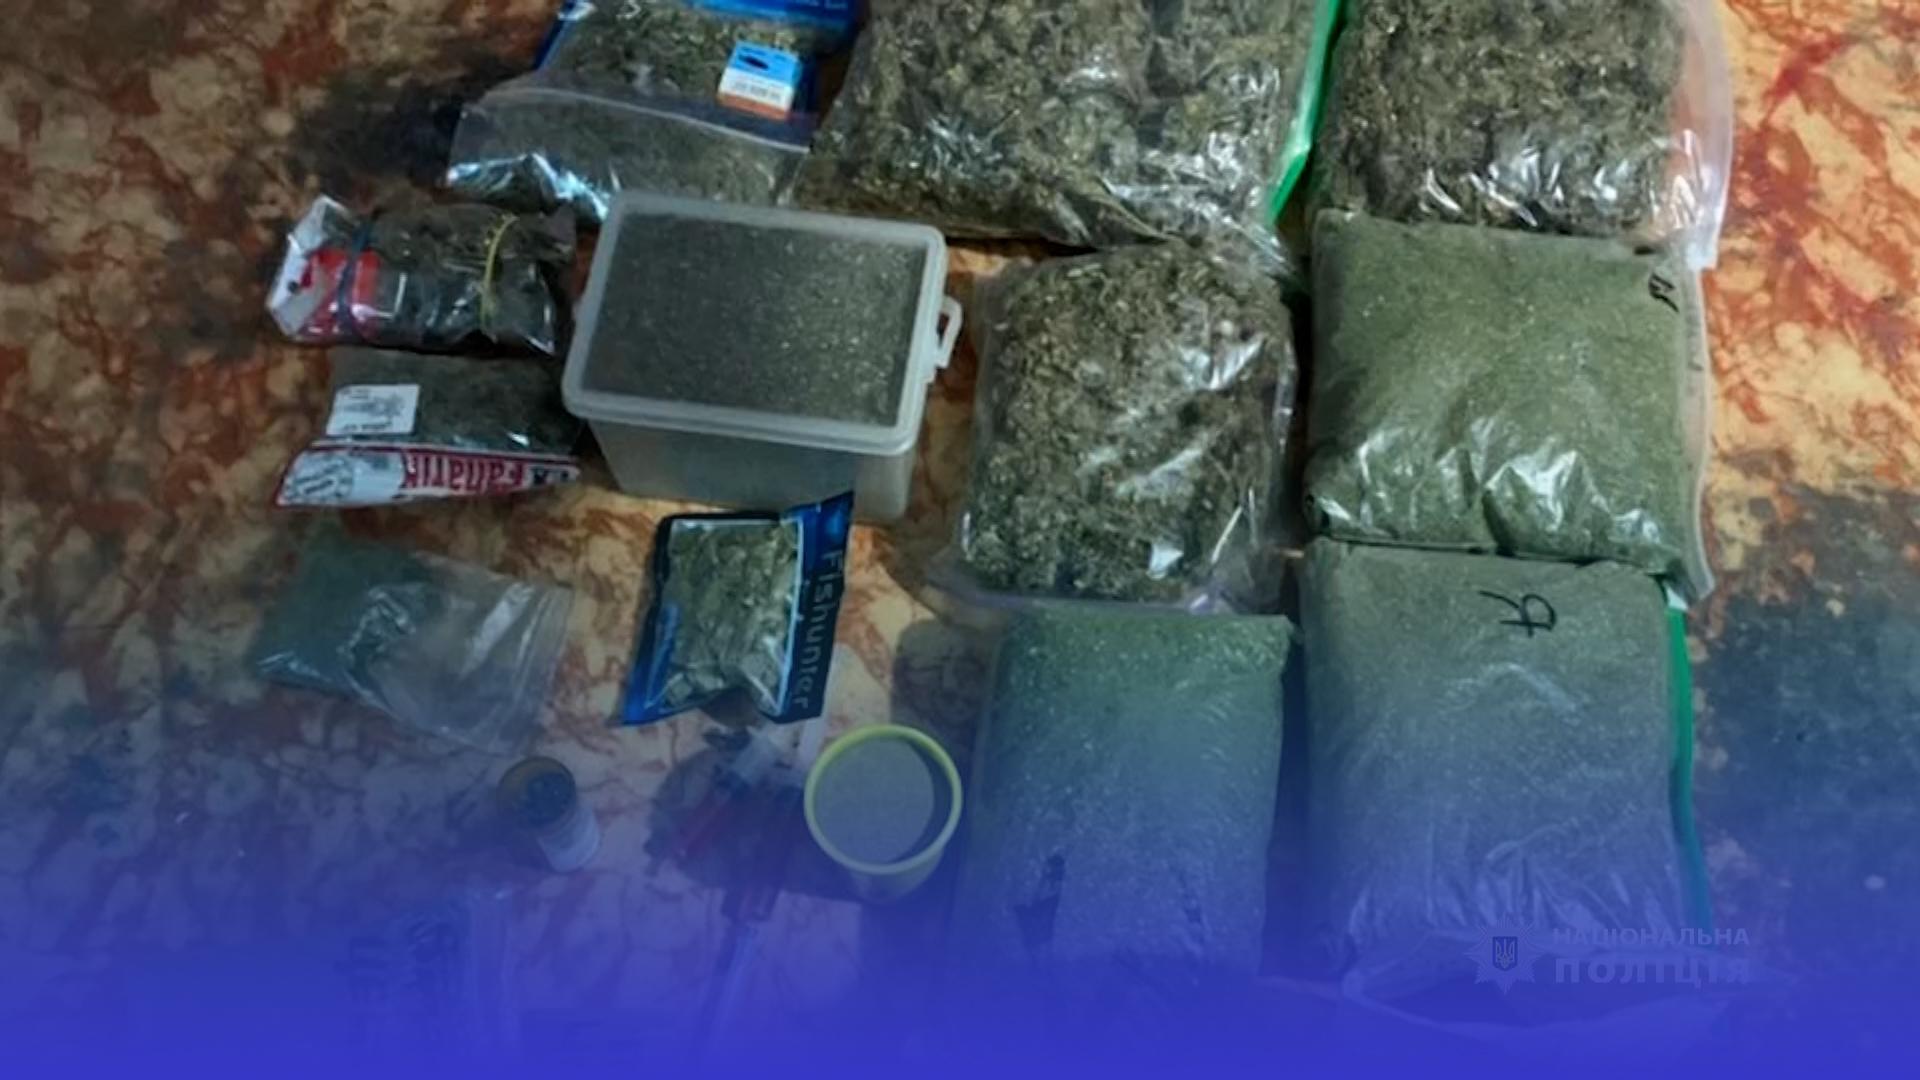 Пів кілограма наркотиків: у Чорткові виявили конопляну ферму